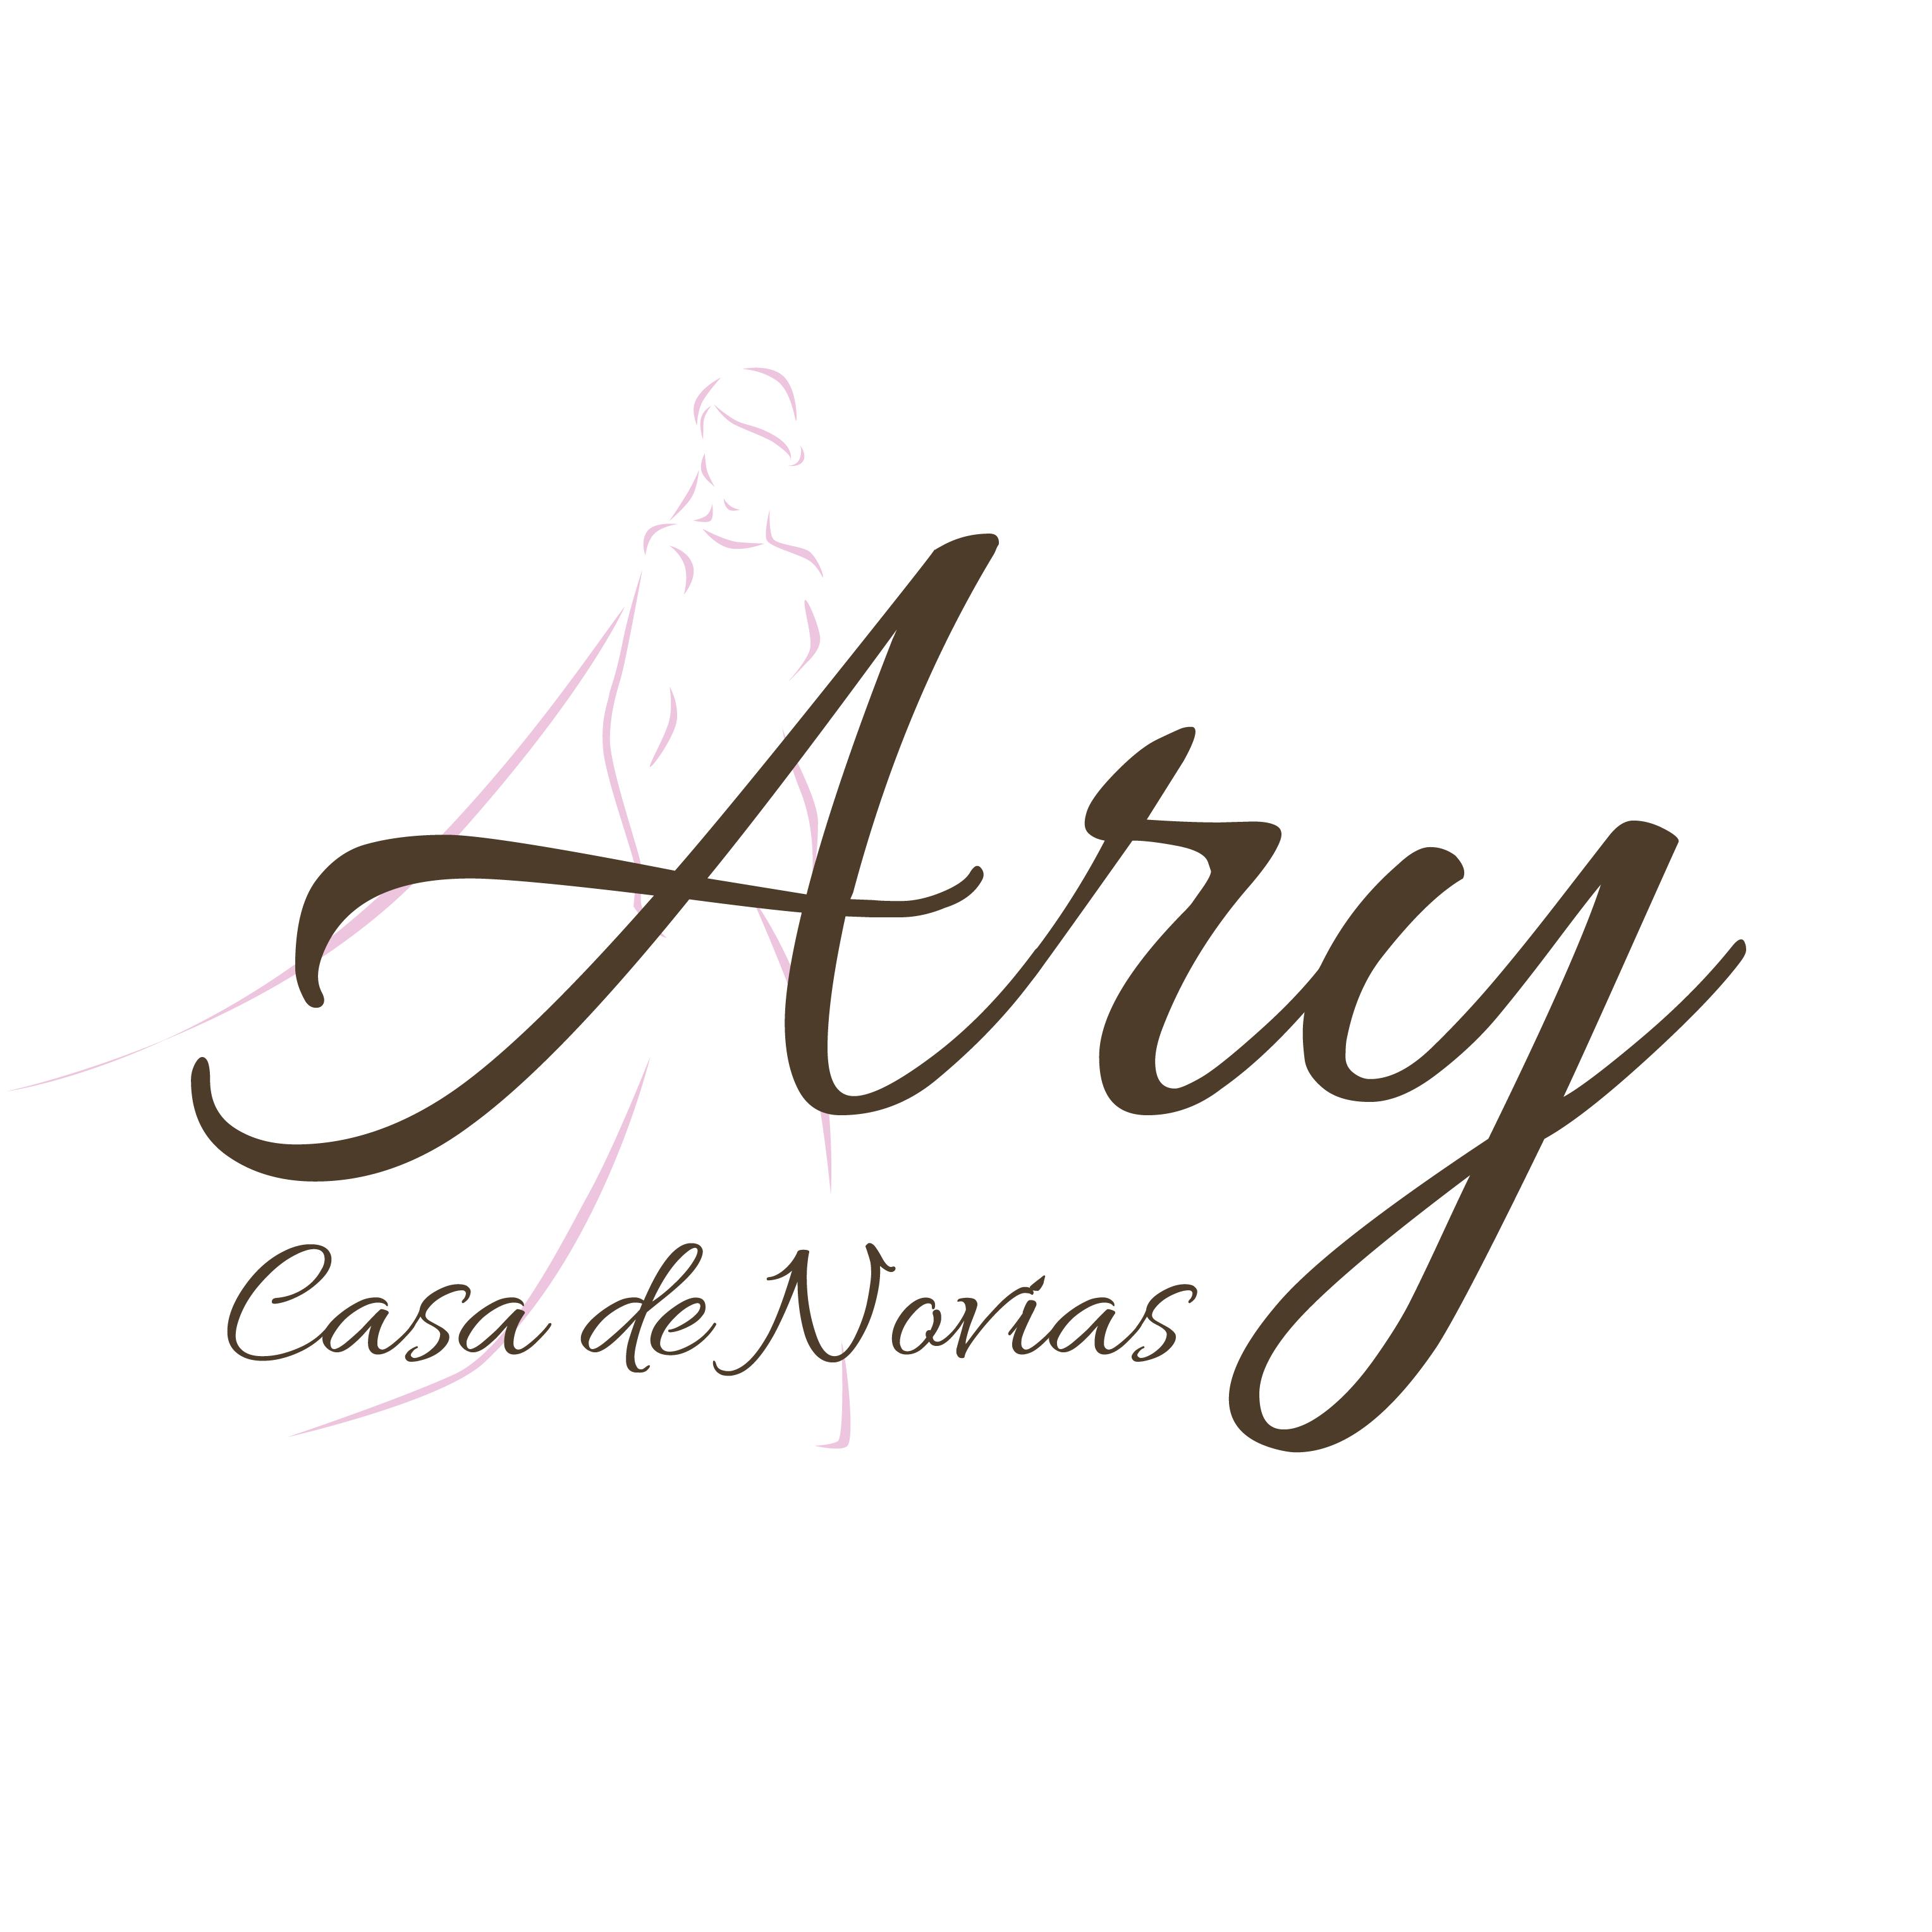 Ary Casa de Novias